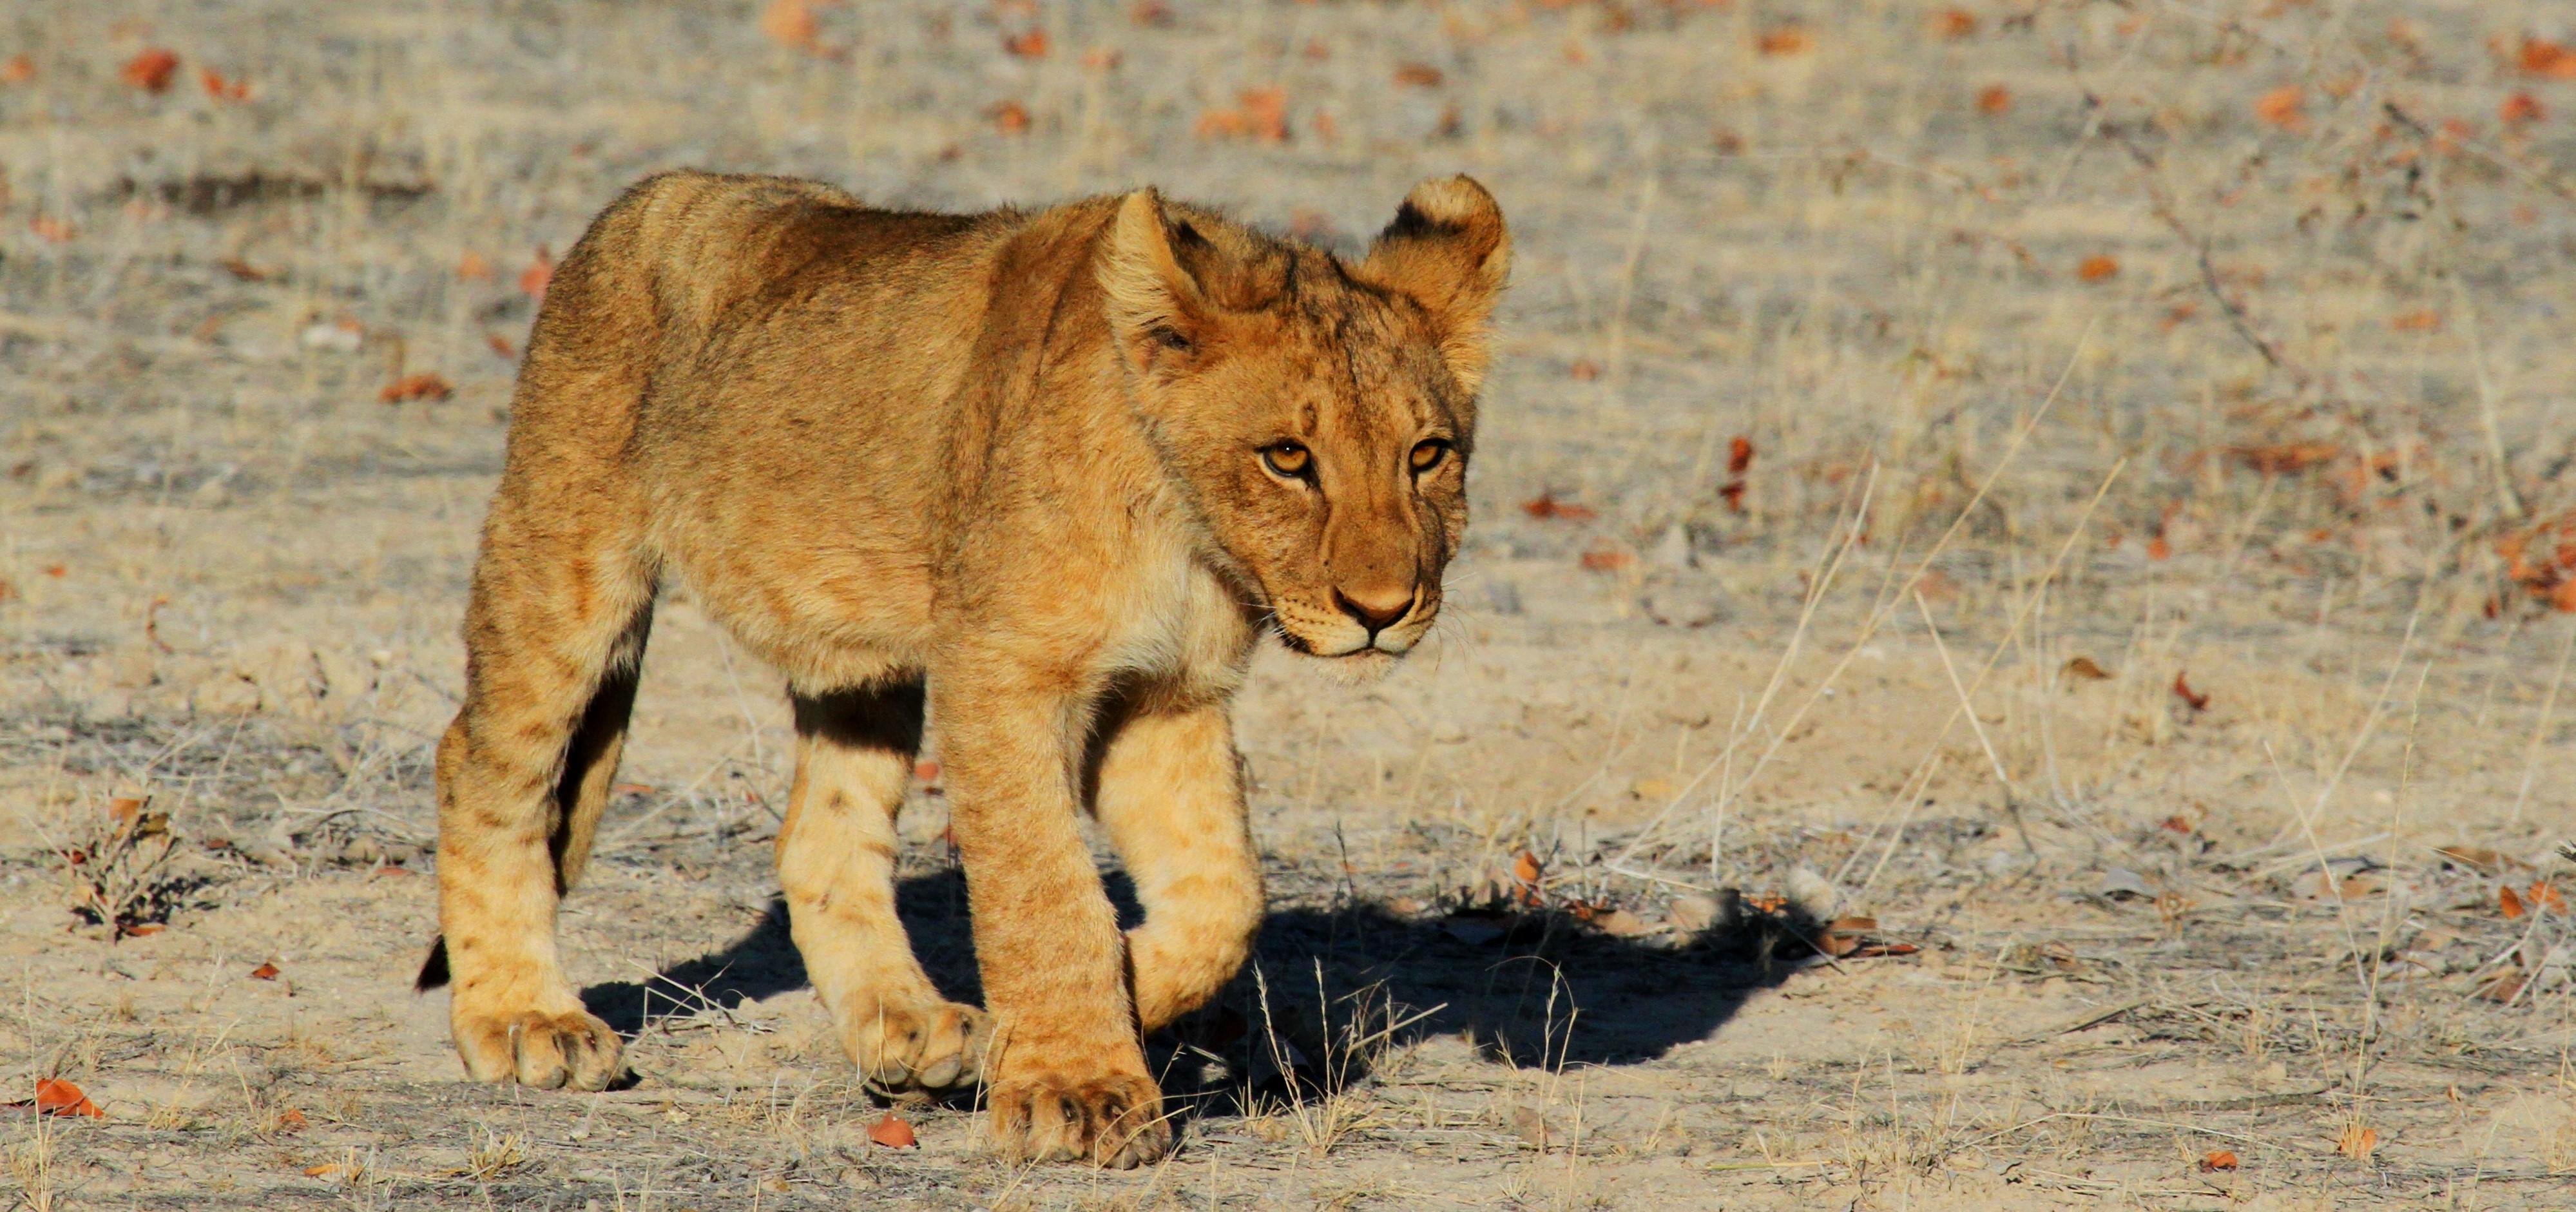 lion-1305797